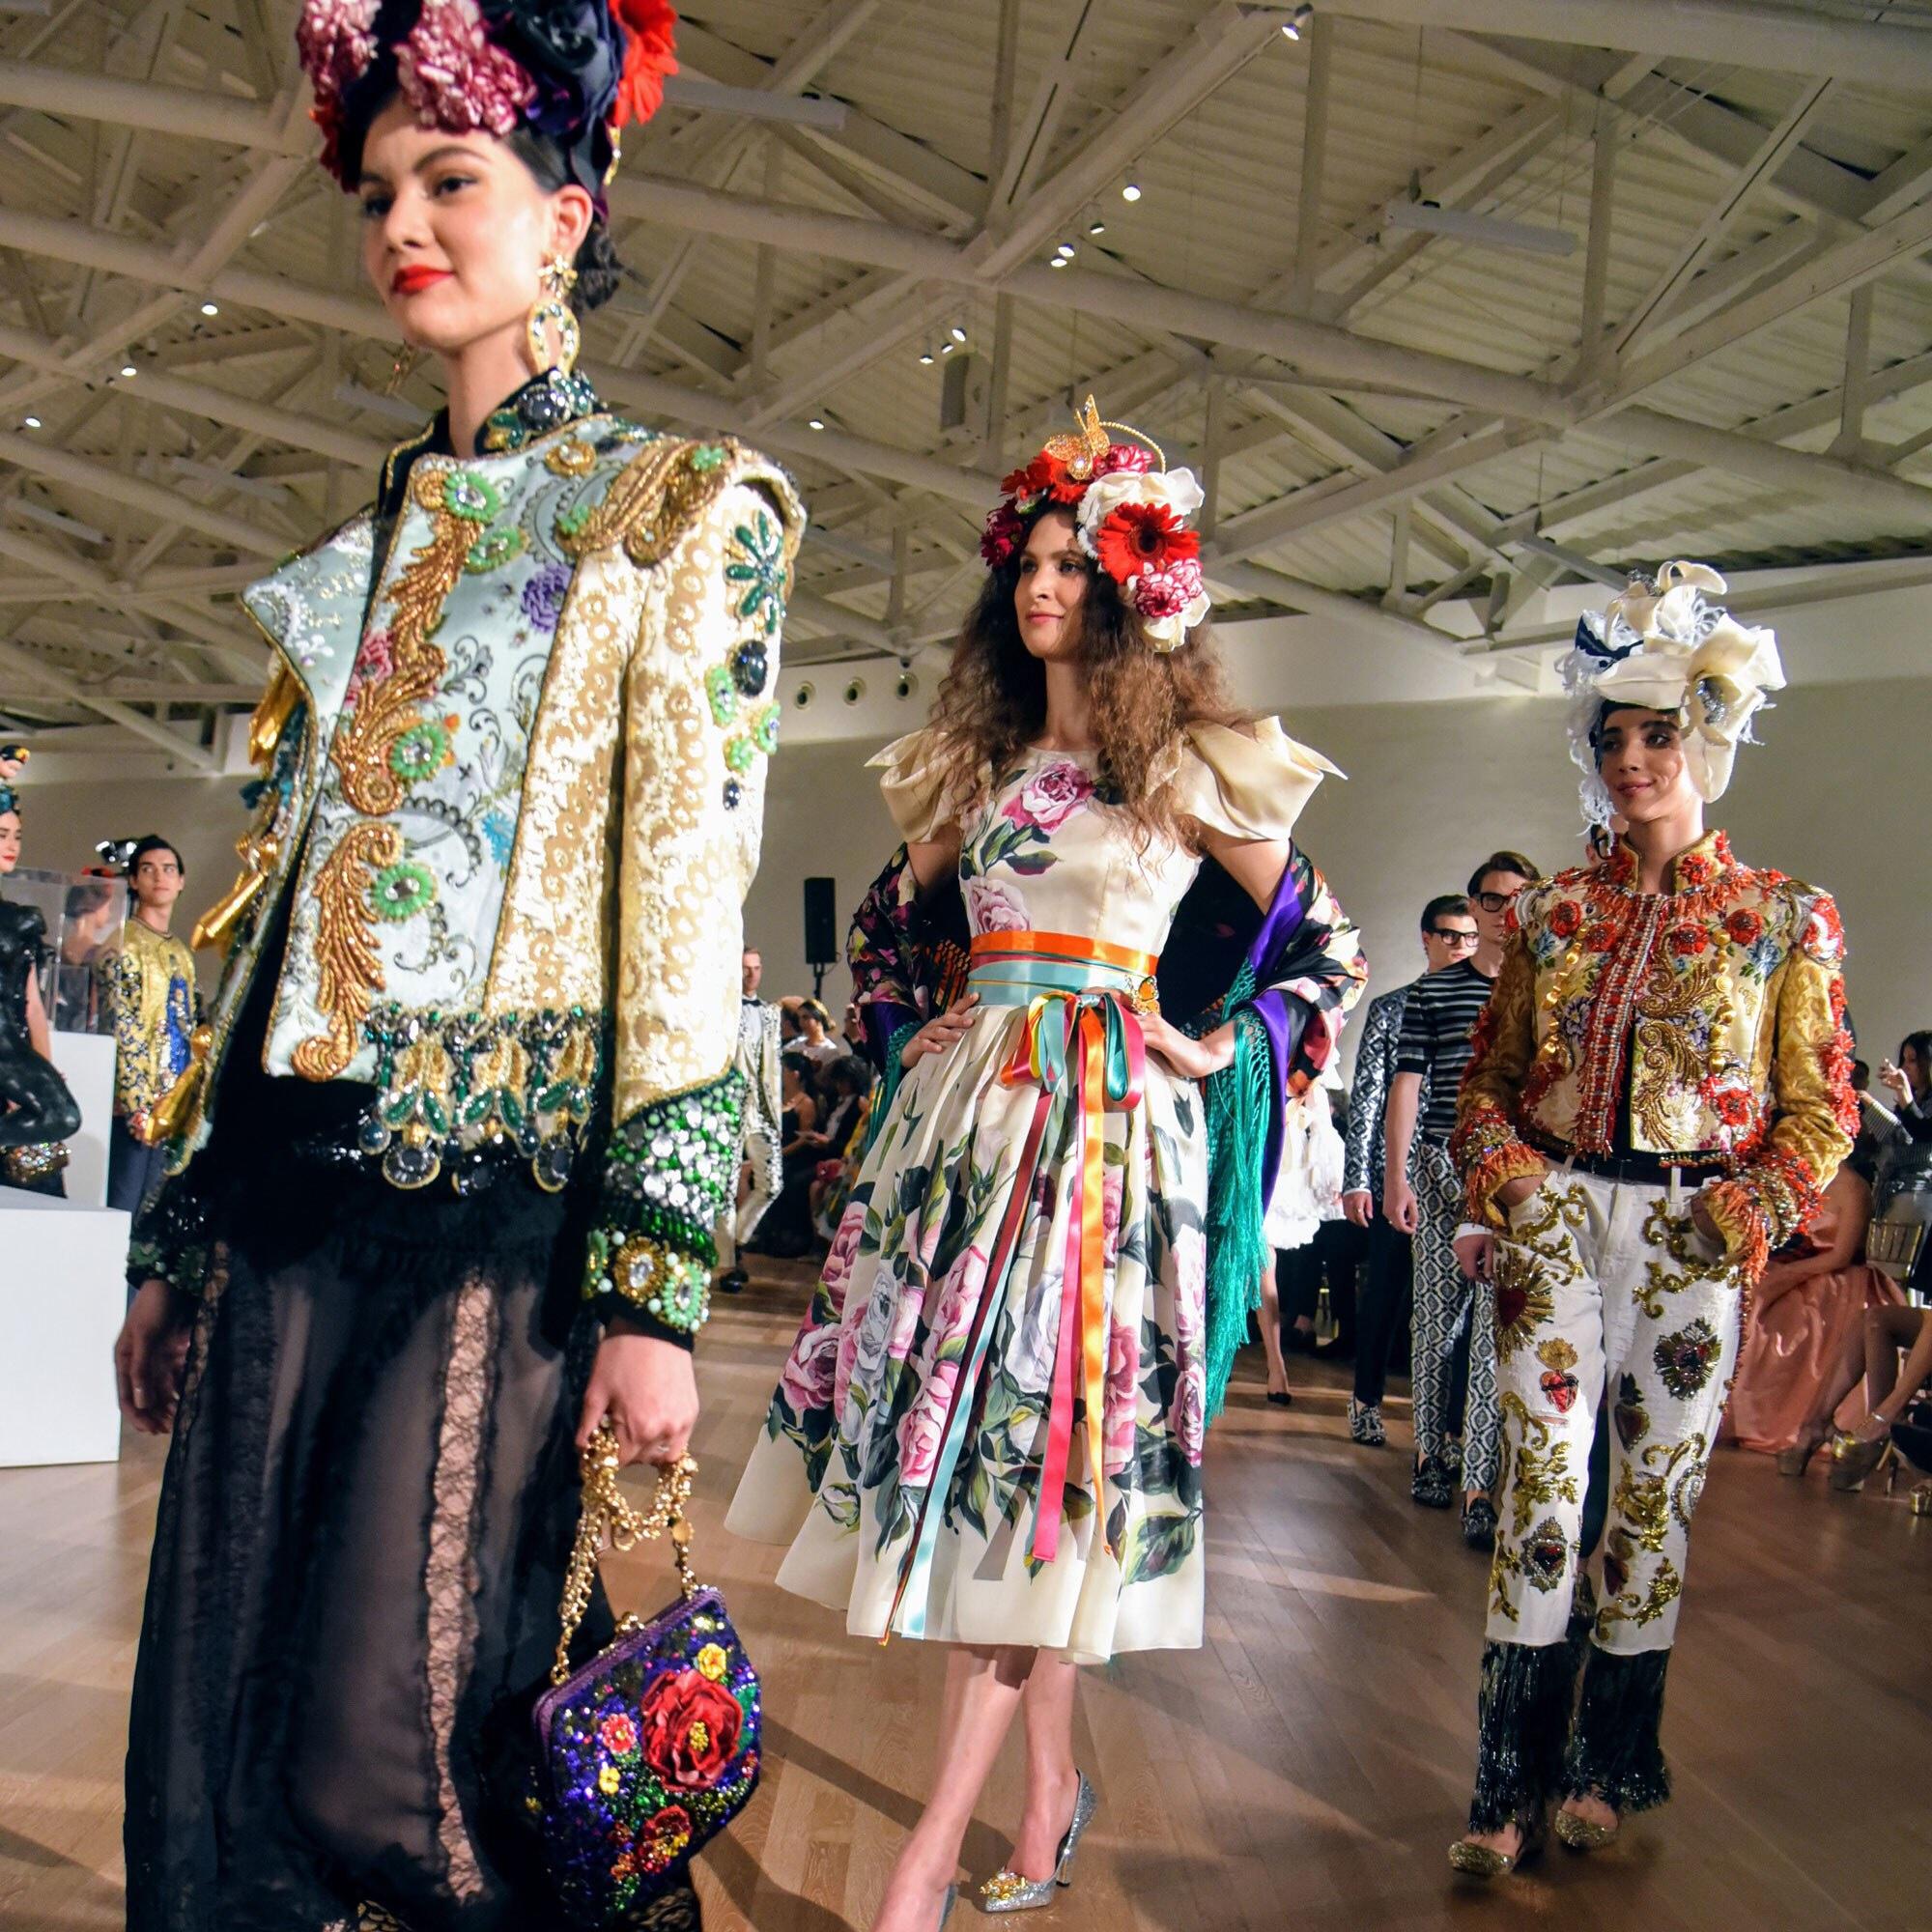 Dolce & Gabbana ha presentato per la prima volta le sue collezioni di Alta Moda, Alta Sartoria e Alta Gioielleria nel Museo Soumaya di Città del Messico, con l'icona del cinema italiano Sophia Loren come ospite d'onore.